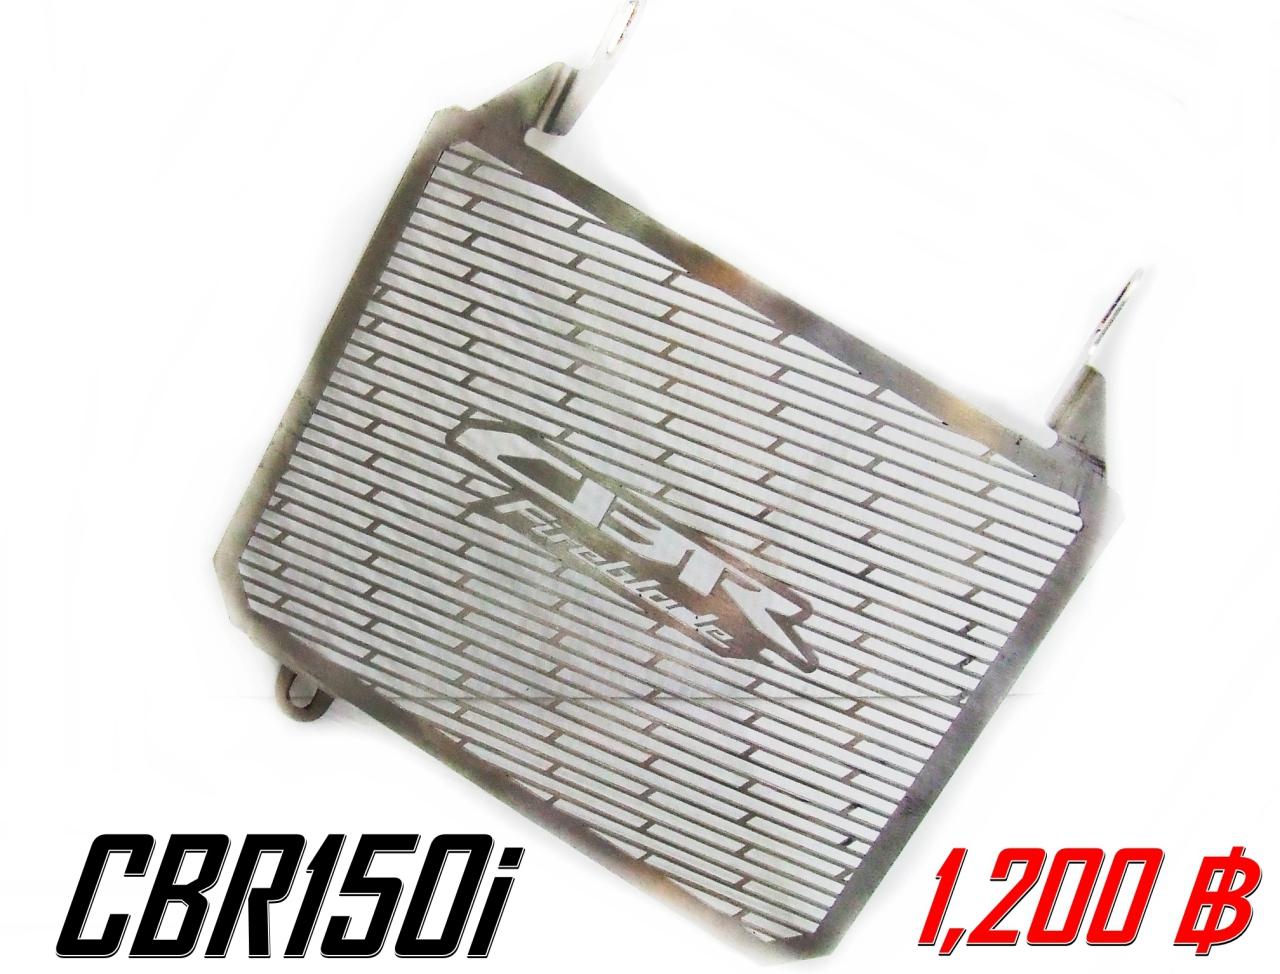 การ์ดหม้อน้ำ CBR150i